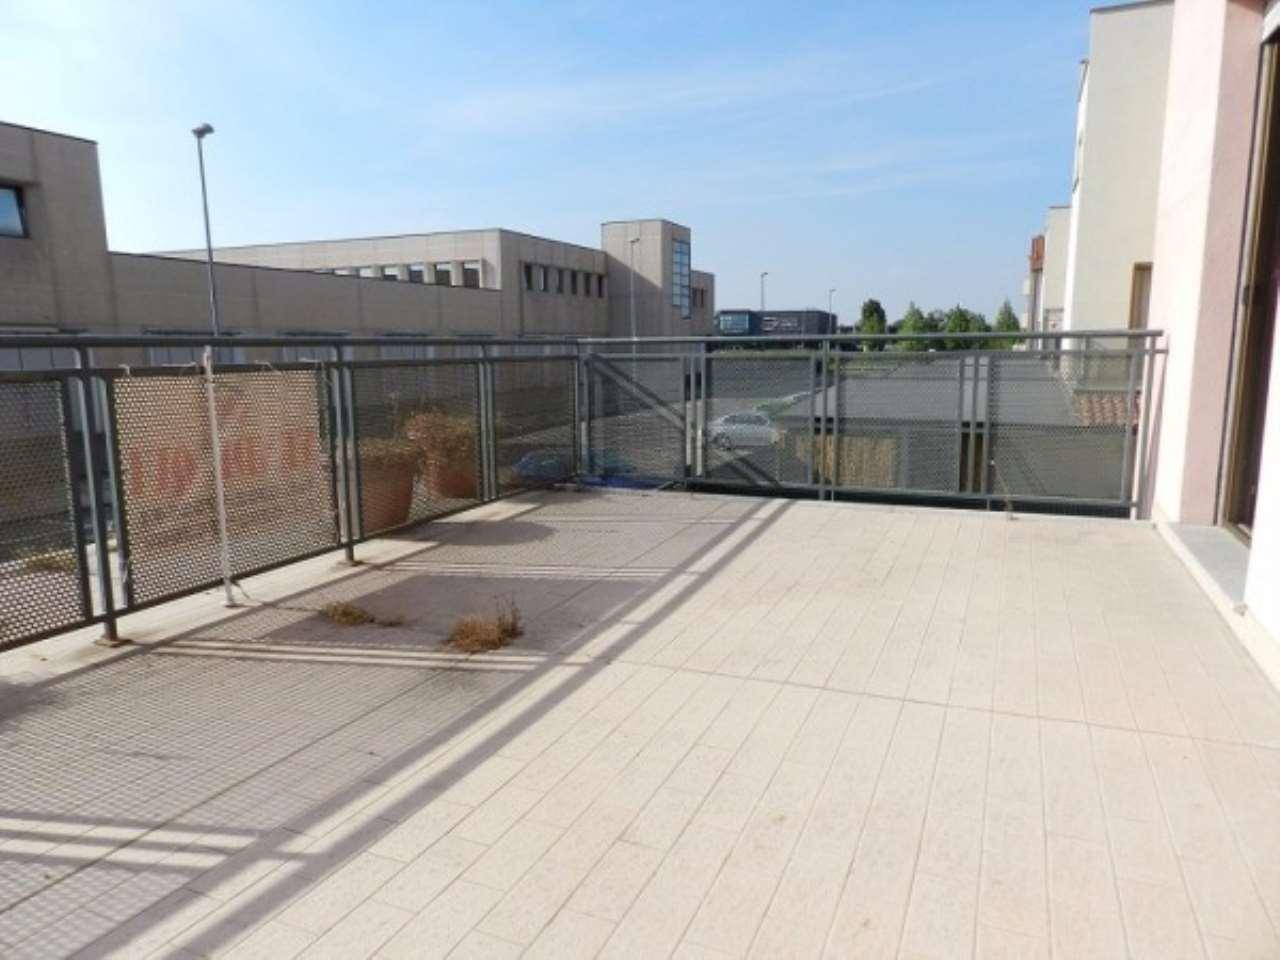 Appartamento in vendita a San Martino Siccomario, 3 locali, prezzo € 115.000 | Cambio Casa.it